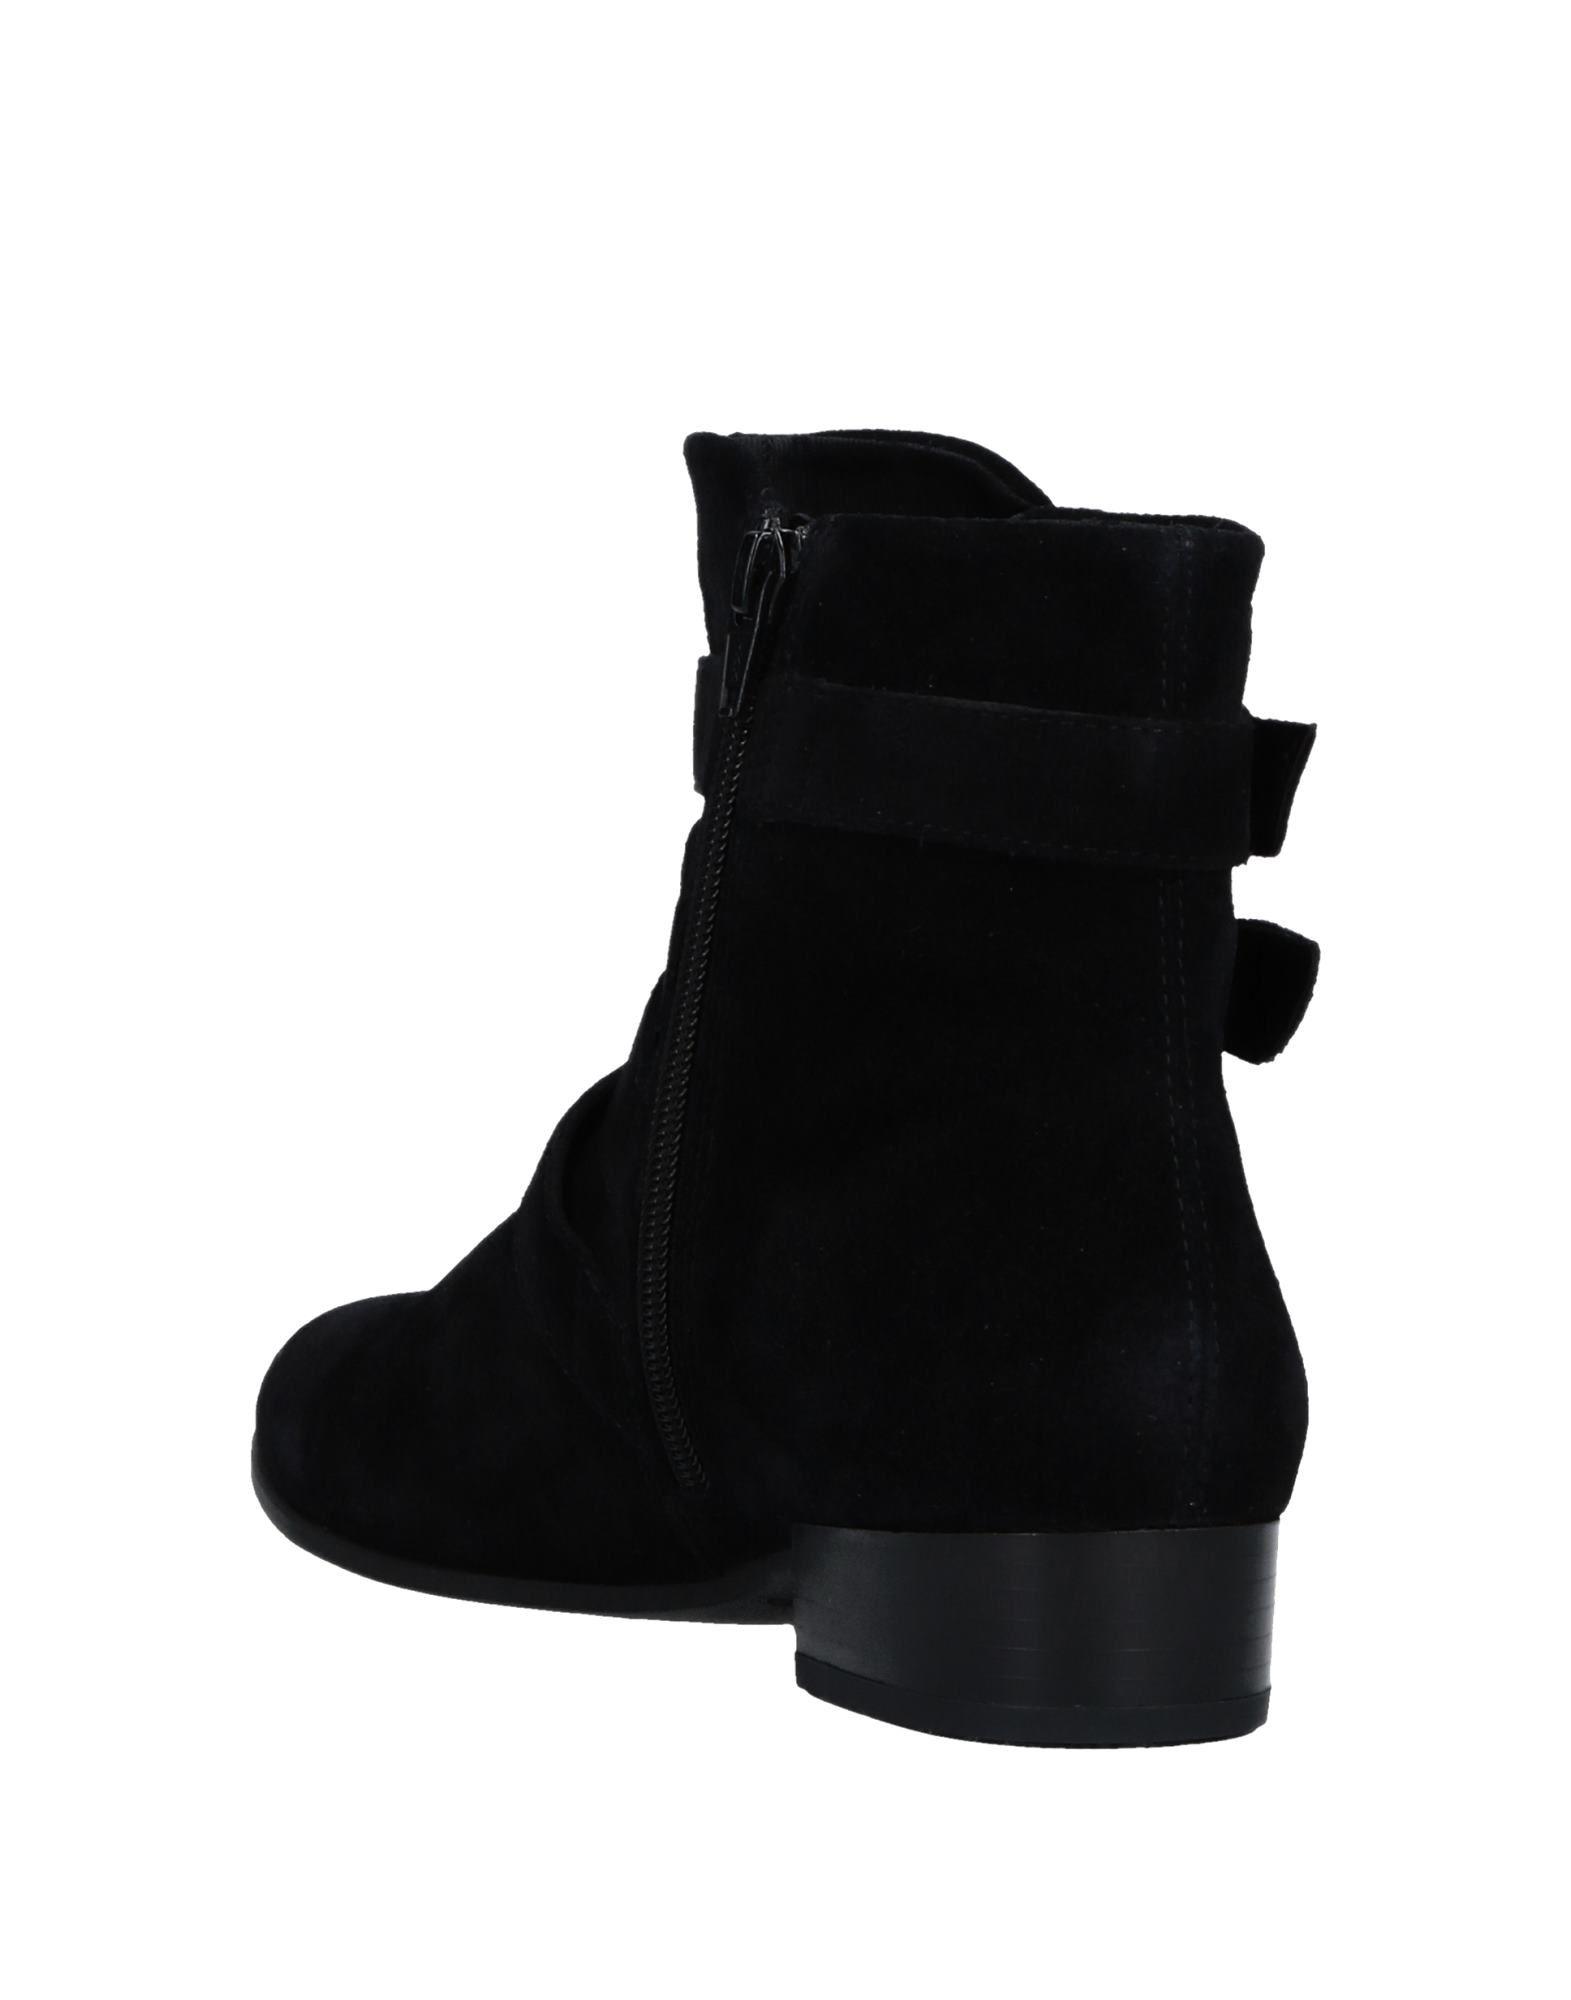 Stilvolle billige Stiefelette Schuhe Vagabond Shoemakers Stiefelette billige Damen  11522660LO 808f28